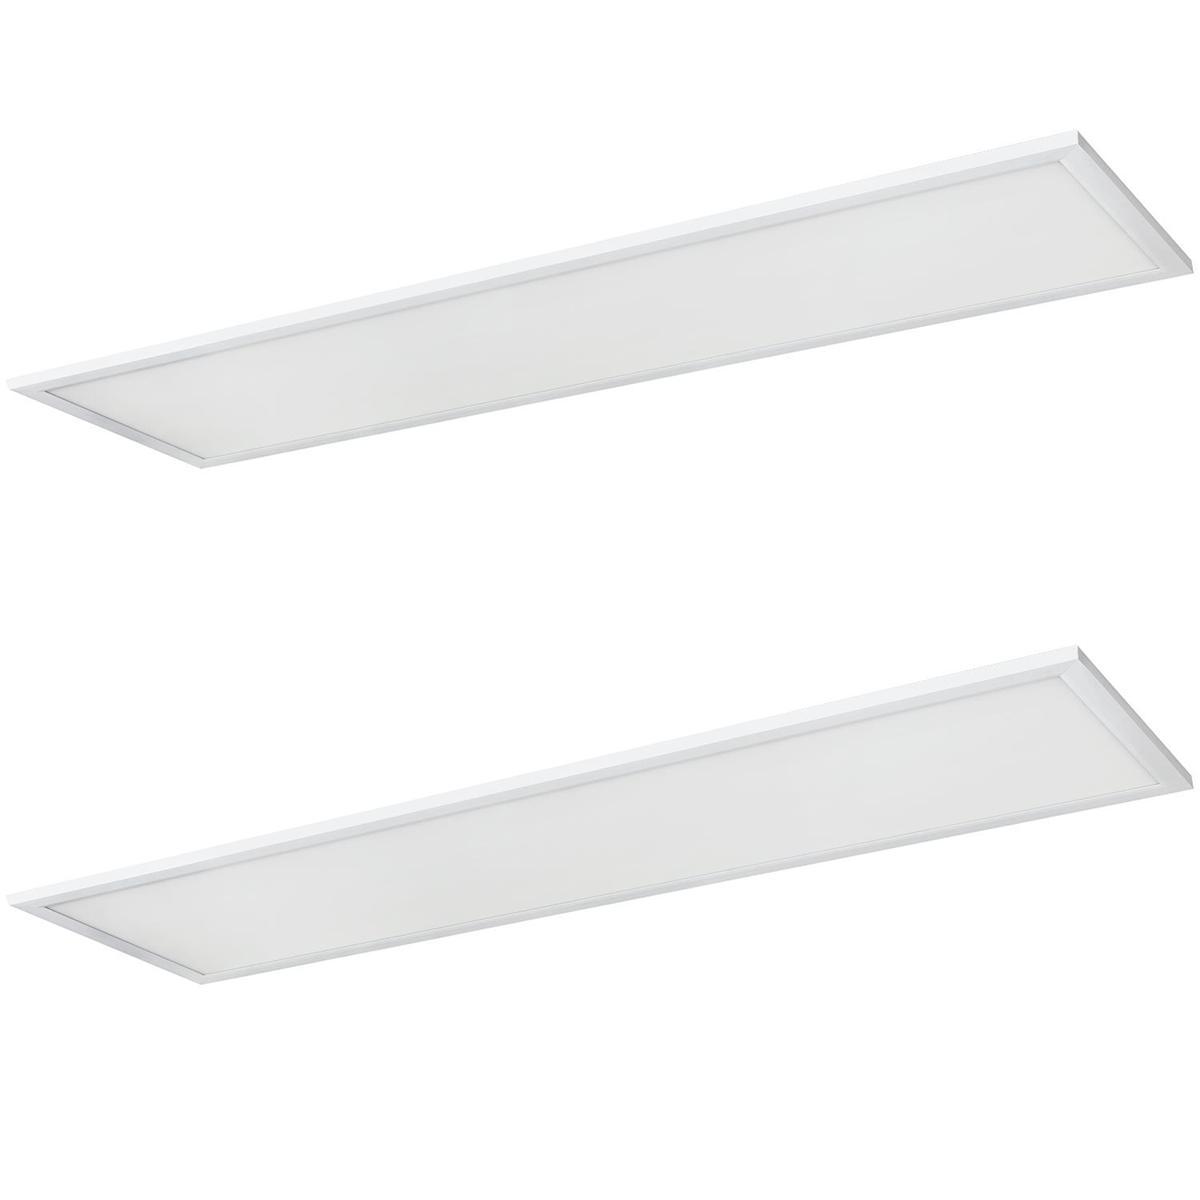 Flat Panel LED Slim Grid Lights : Kamrock Lights!, LED